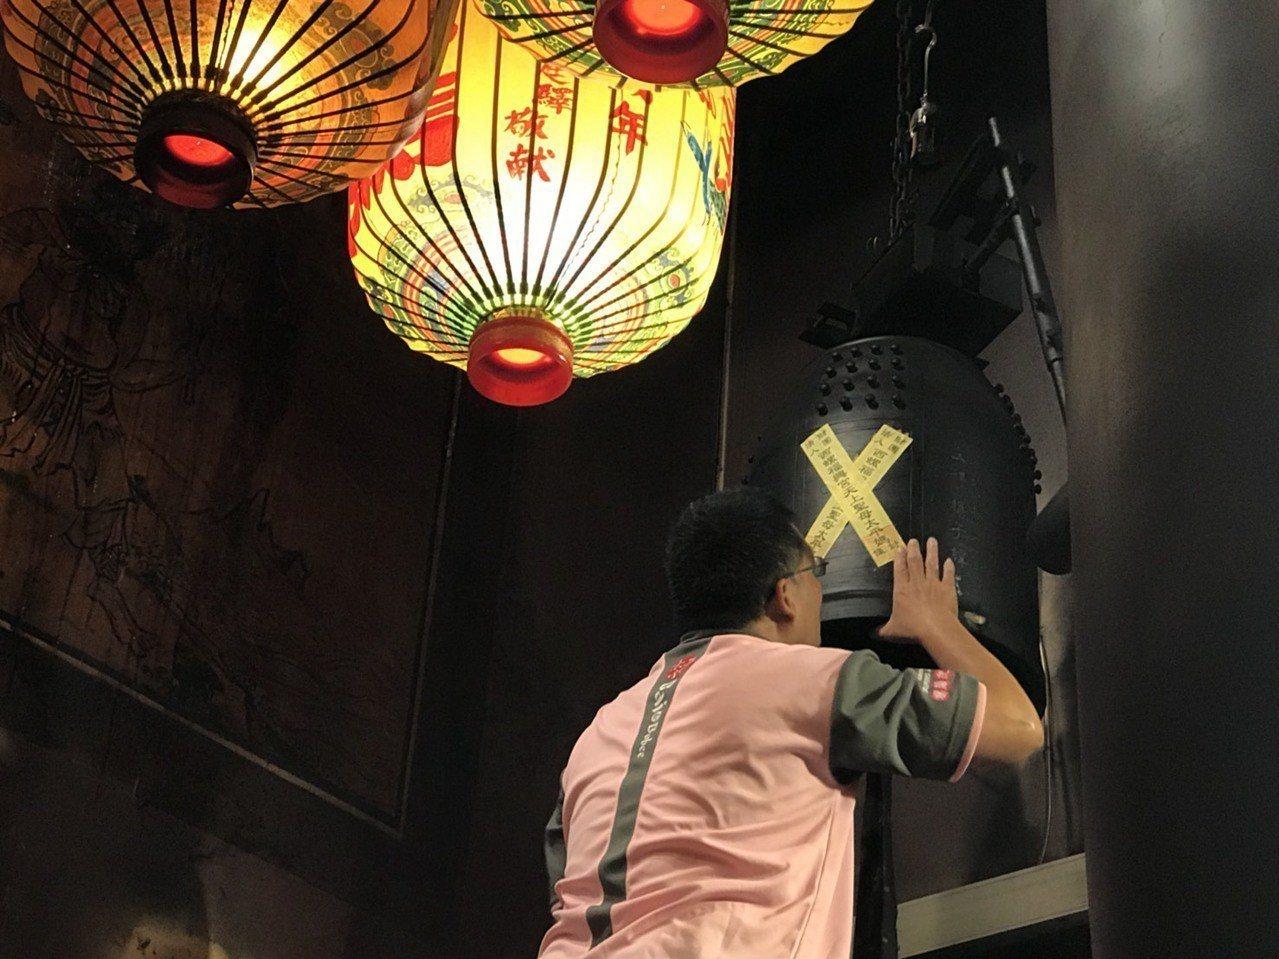 農曆7月將近,雲林縣西螺鎮福興宮依循傳統,暫封鐘鼓,並將電源關閉,讓好兄弟安心間...